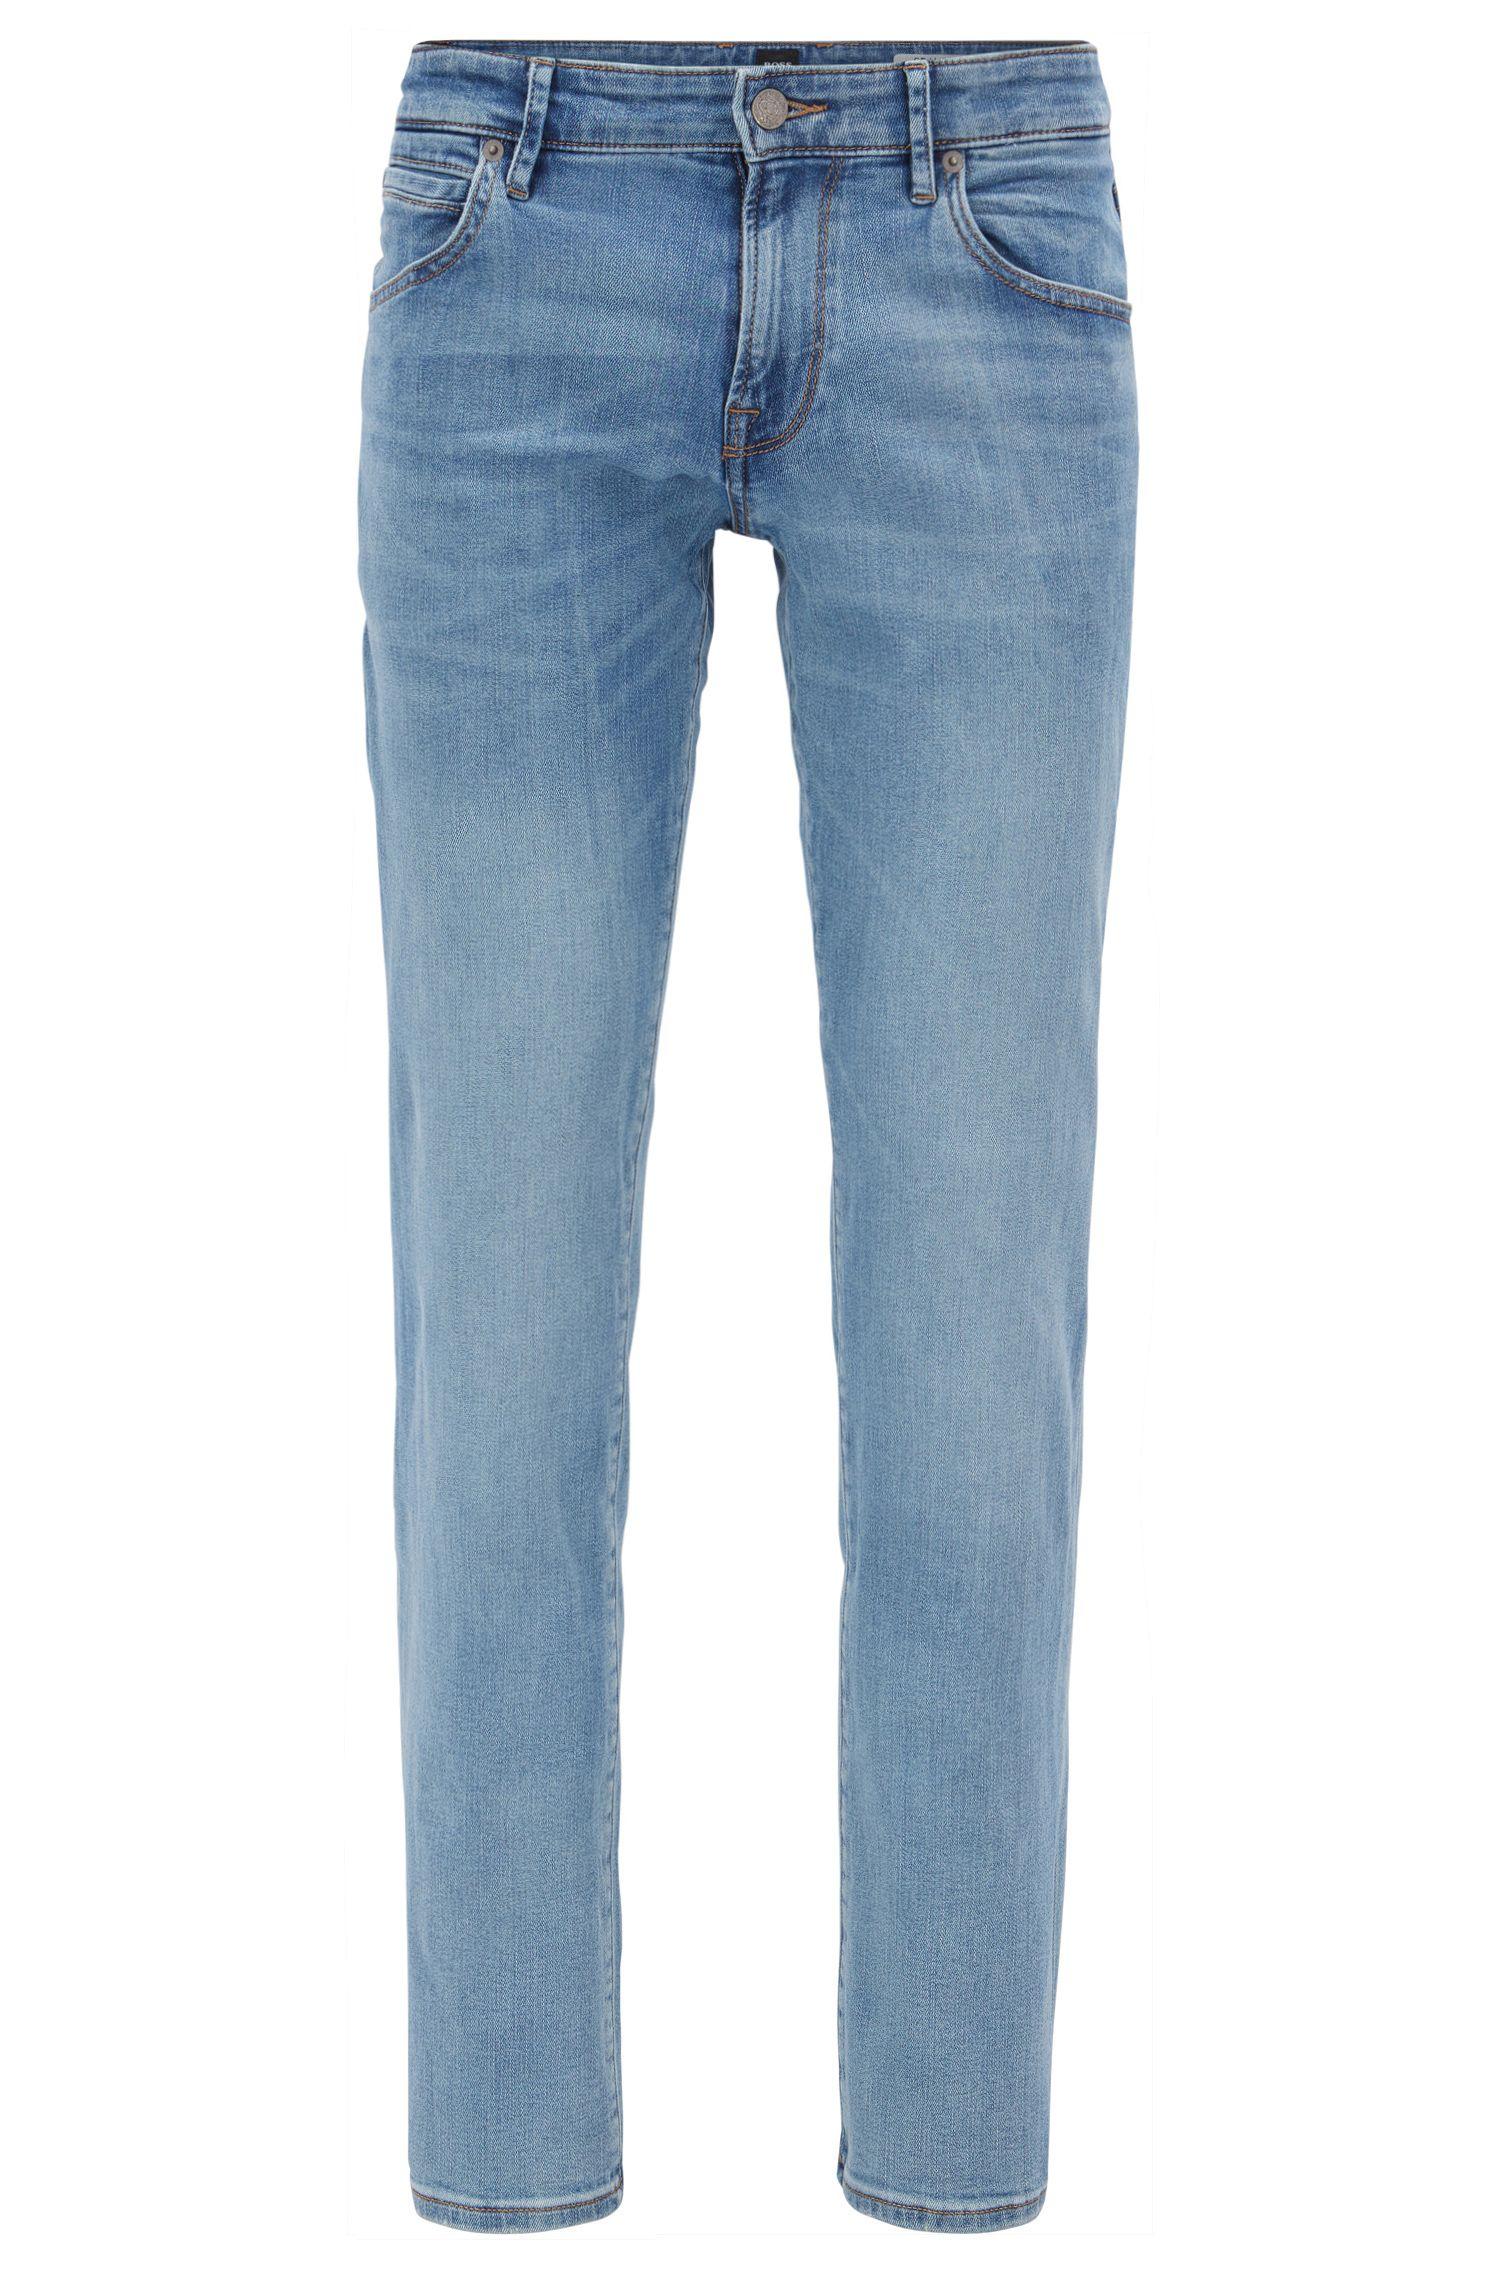 Regular-fit jeans in super-stretch denim